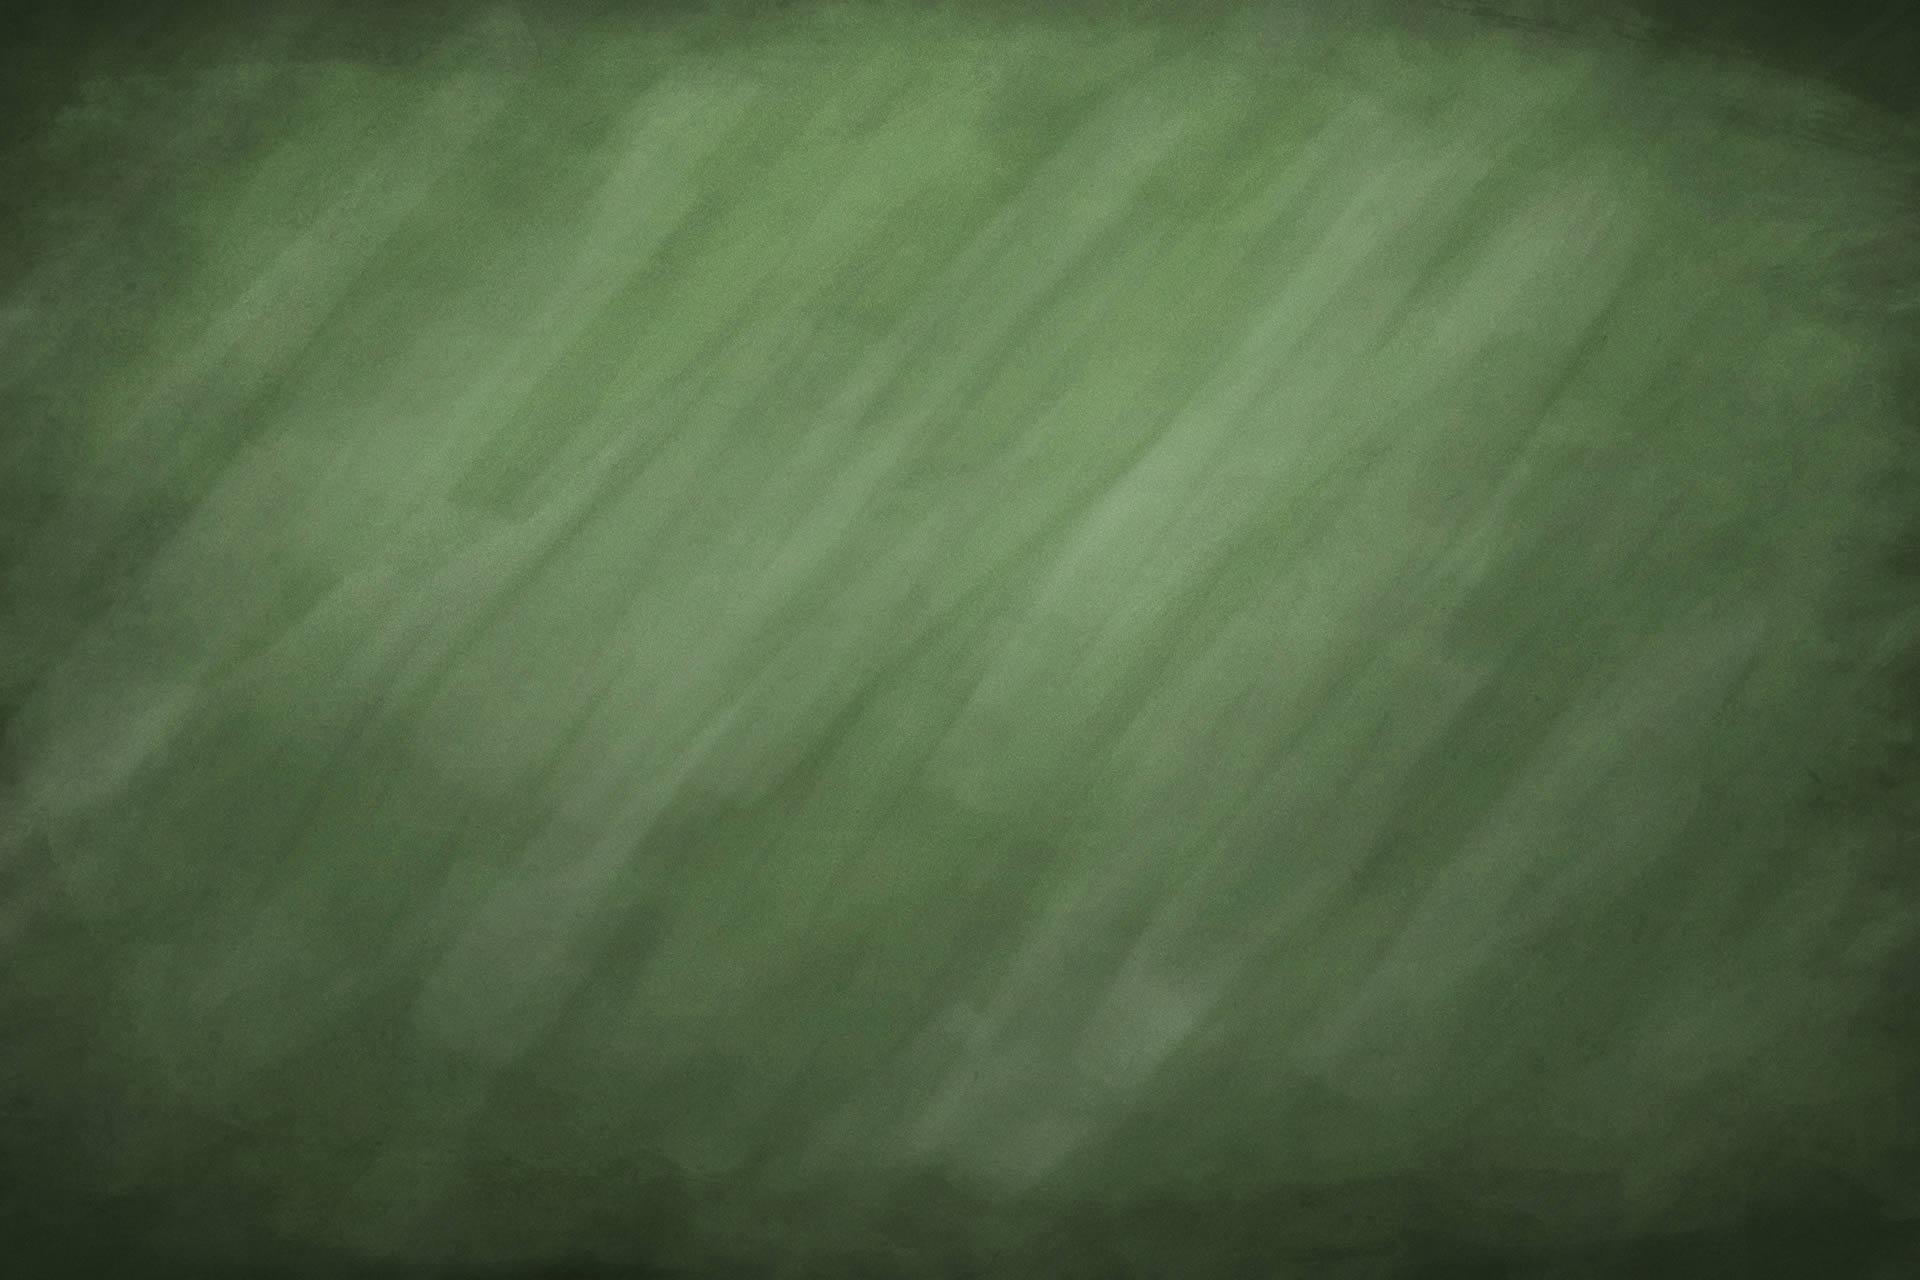 chalkboard_parallax